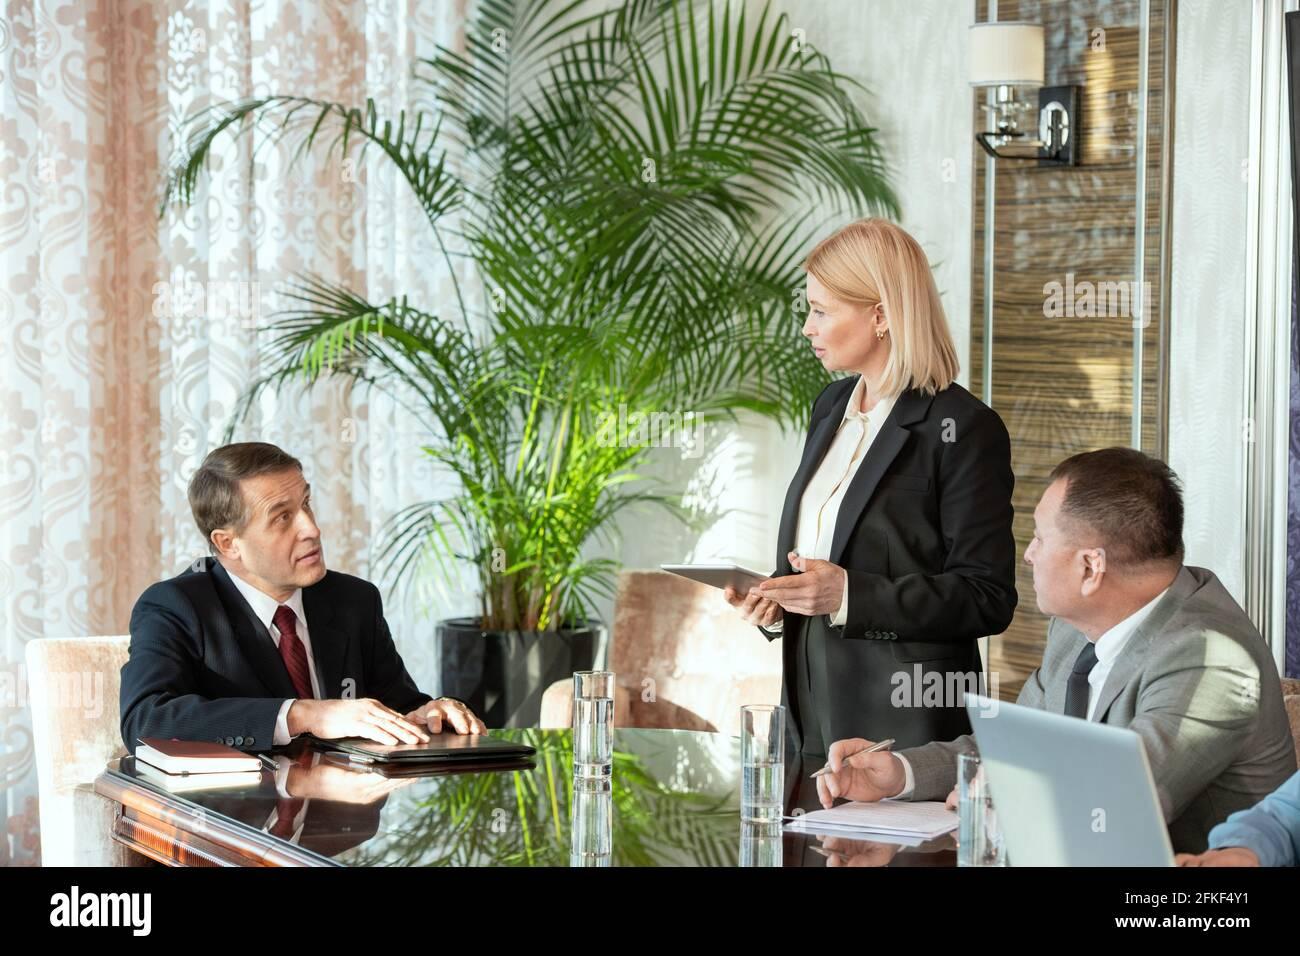 Quelques personnes assises à une table pendant la discussion de conditions de partenariat Banque D'Images